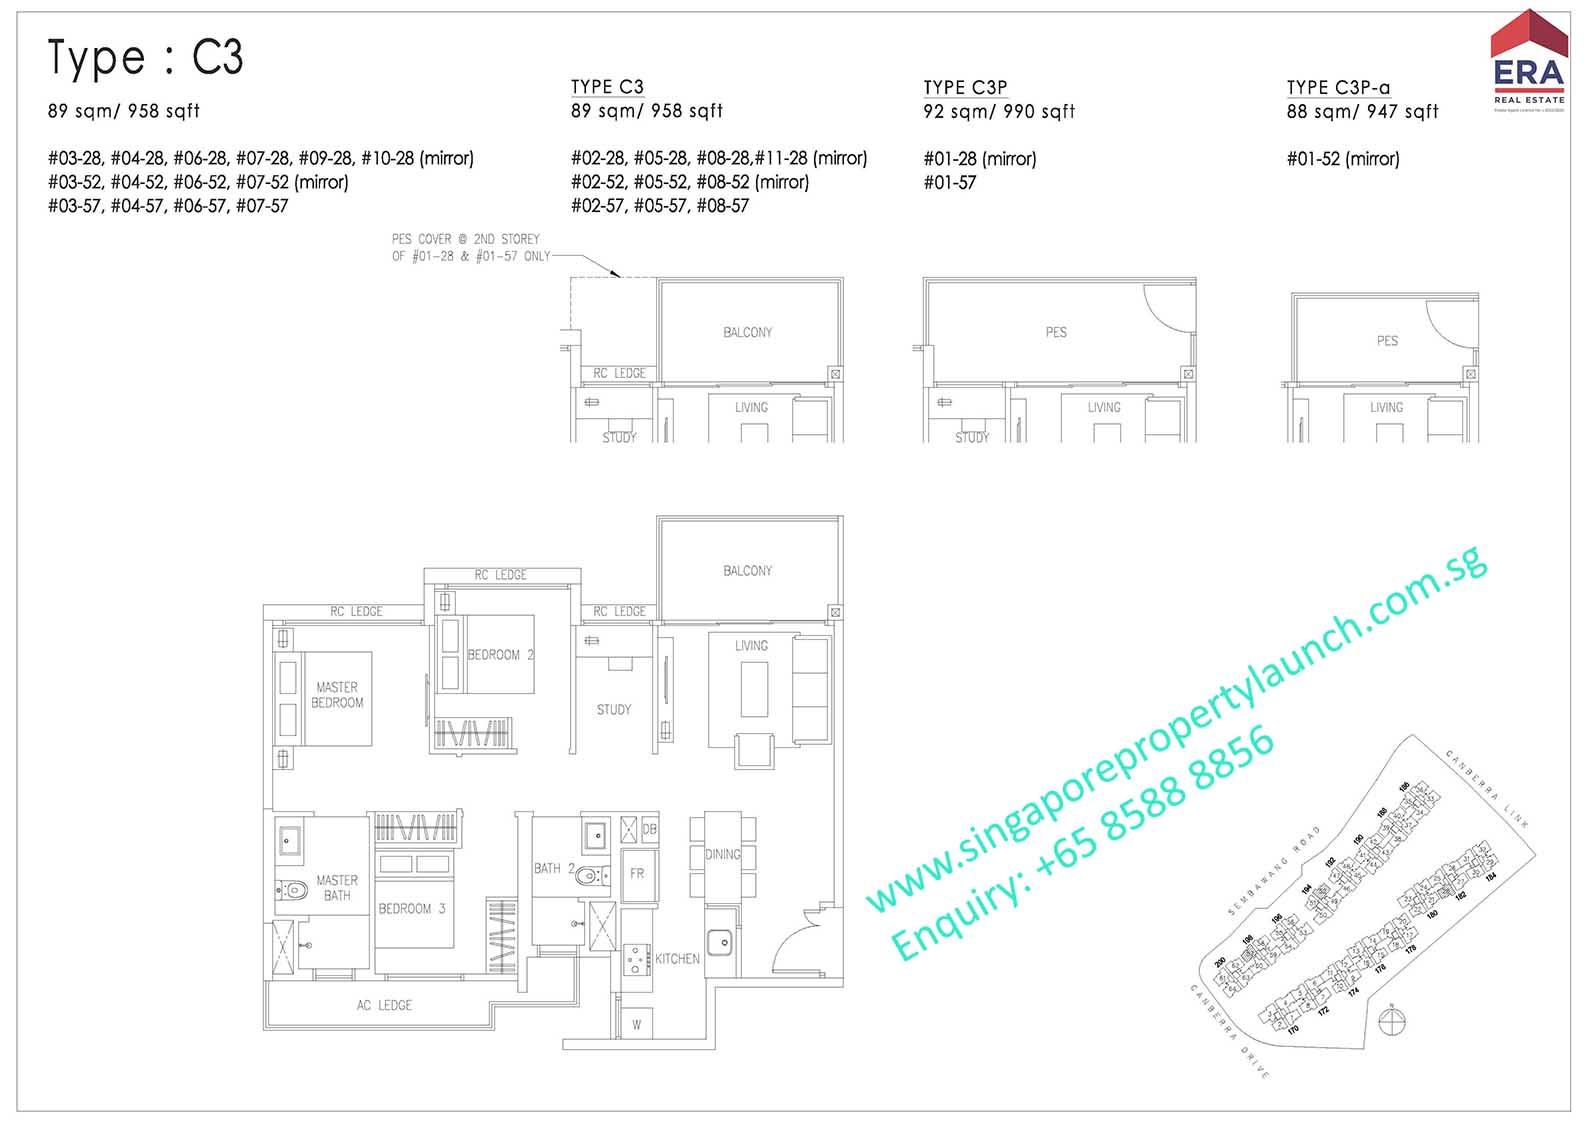 Visionaire EC – Singapore Property Launch